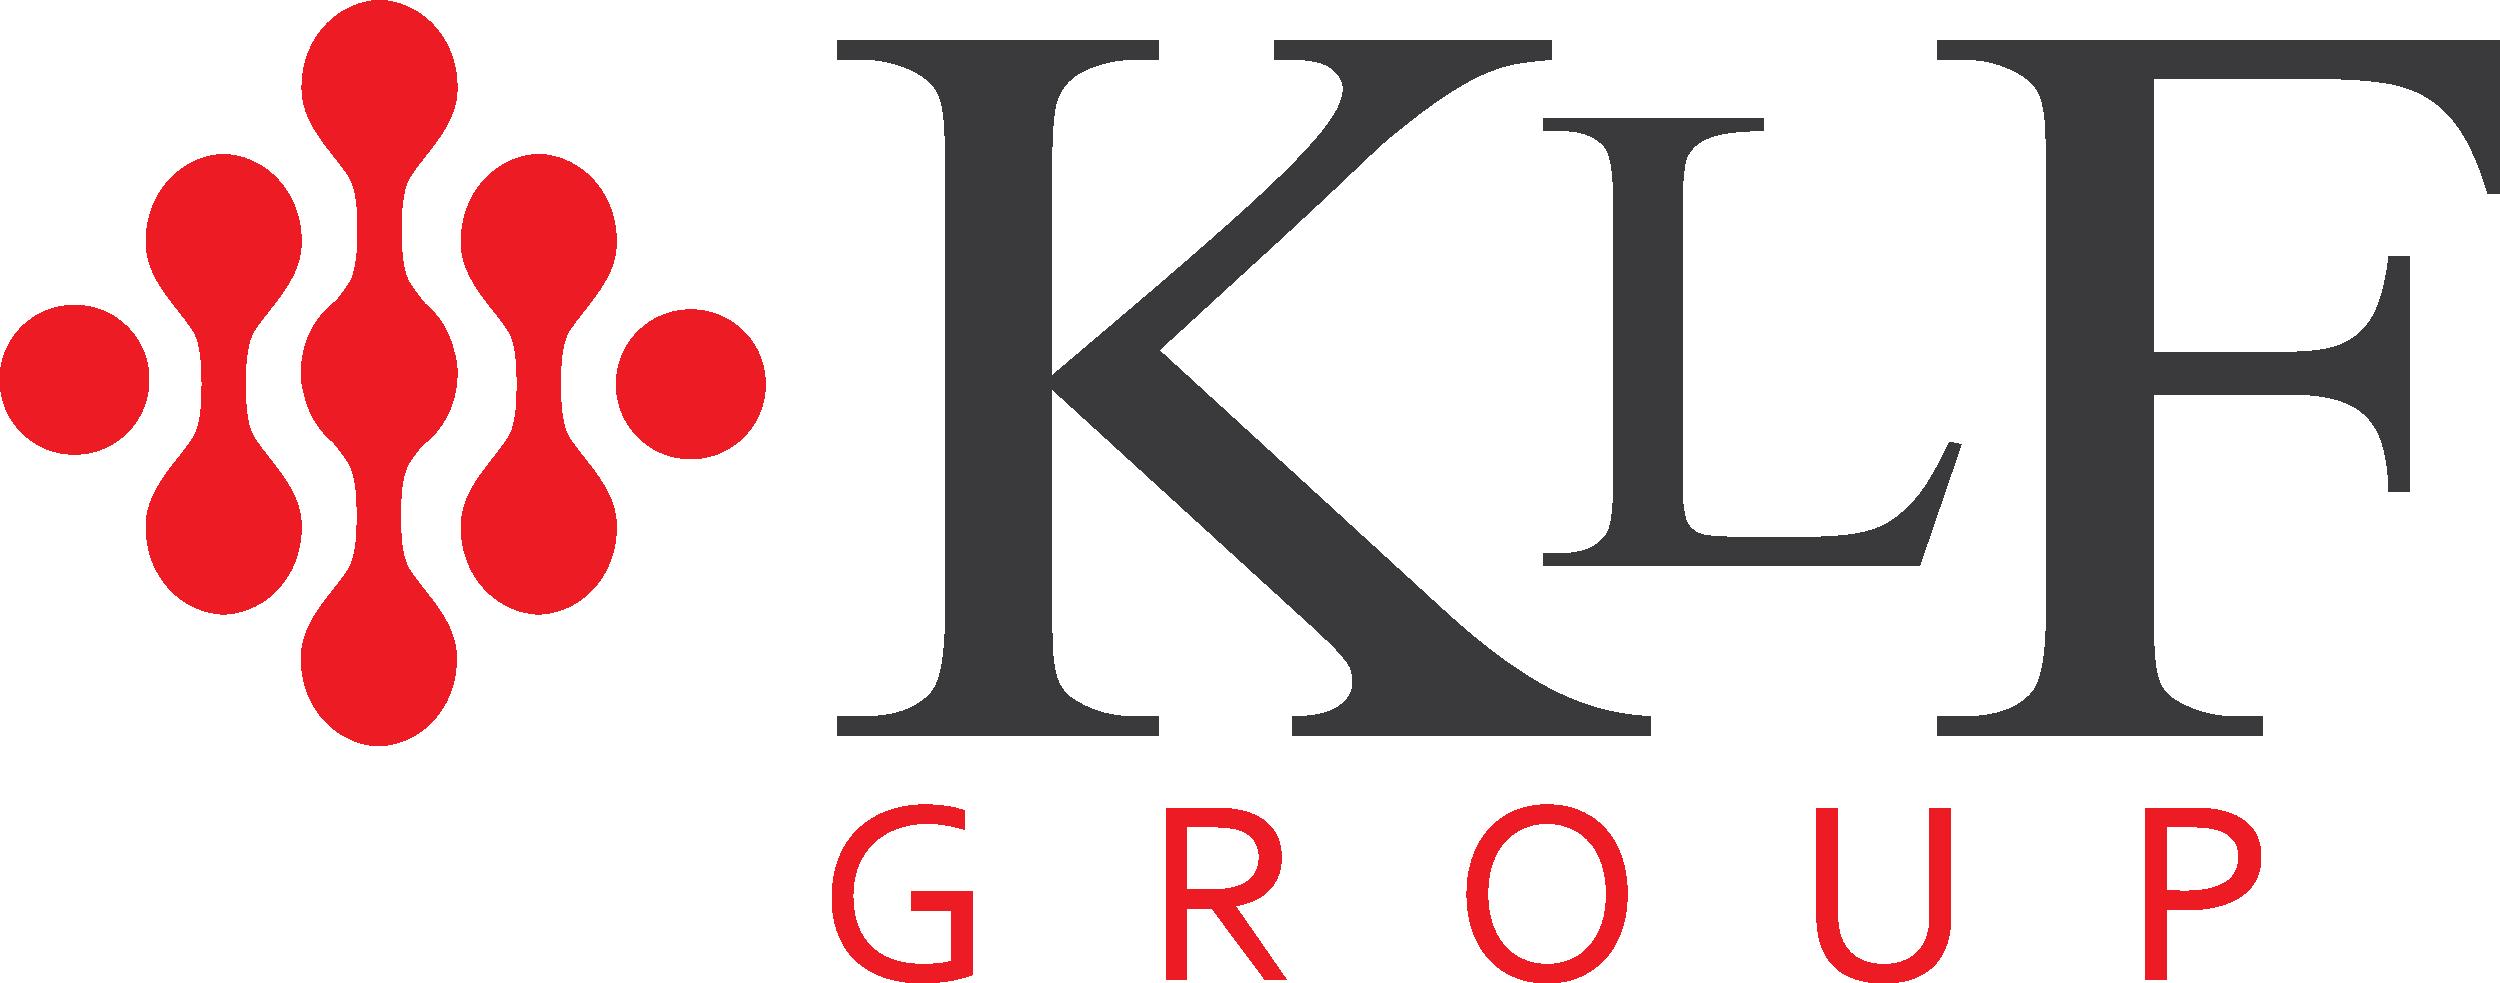 KLF Group Inc. 8ee0fd201ecd